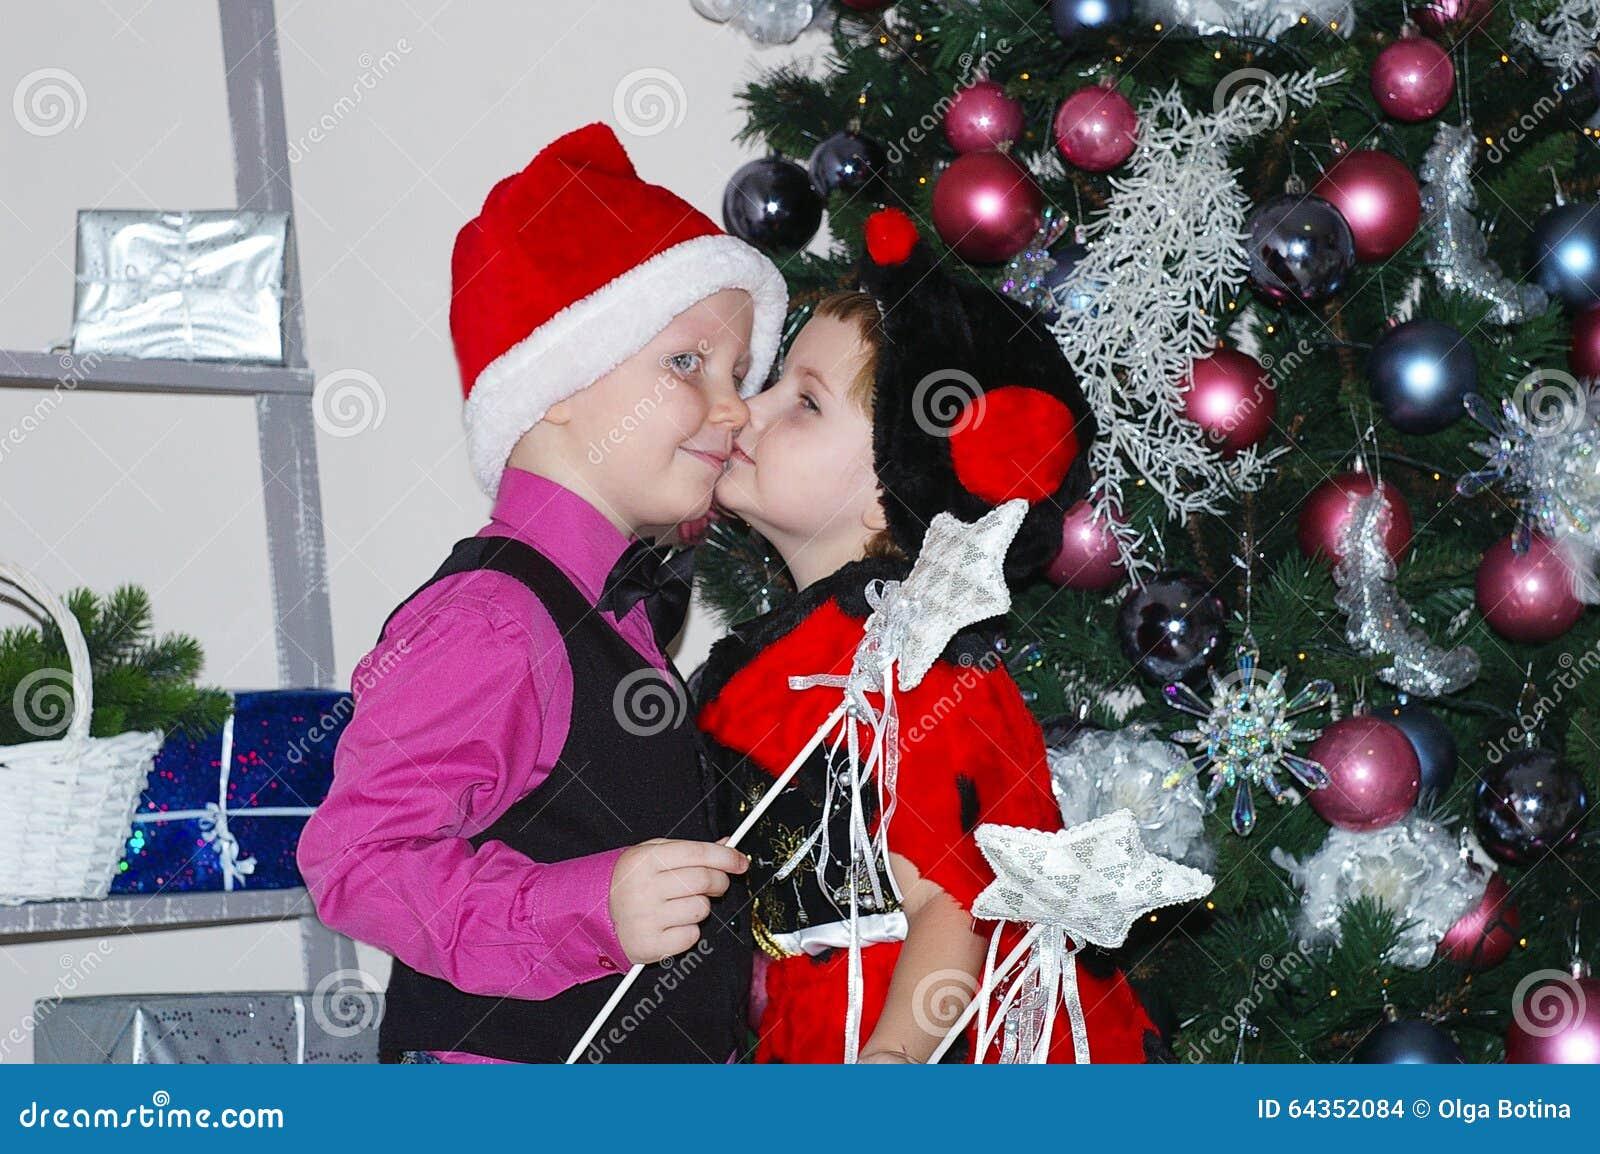 Boy And Girl Kiss Christmas Stock Photo - Image of photo ...